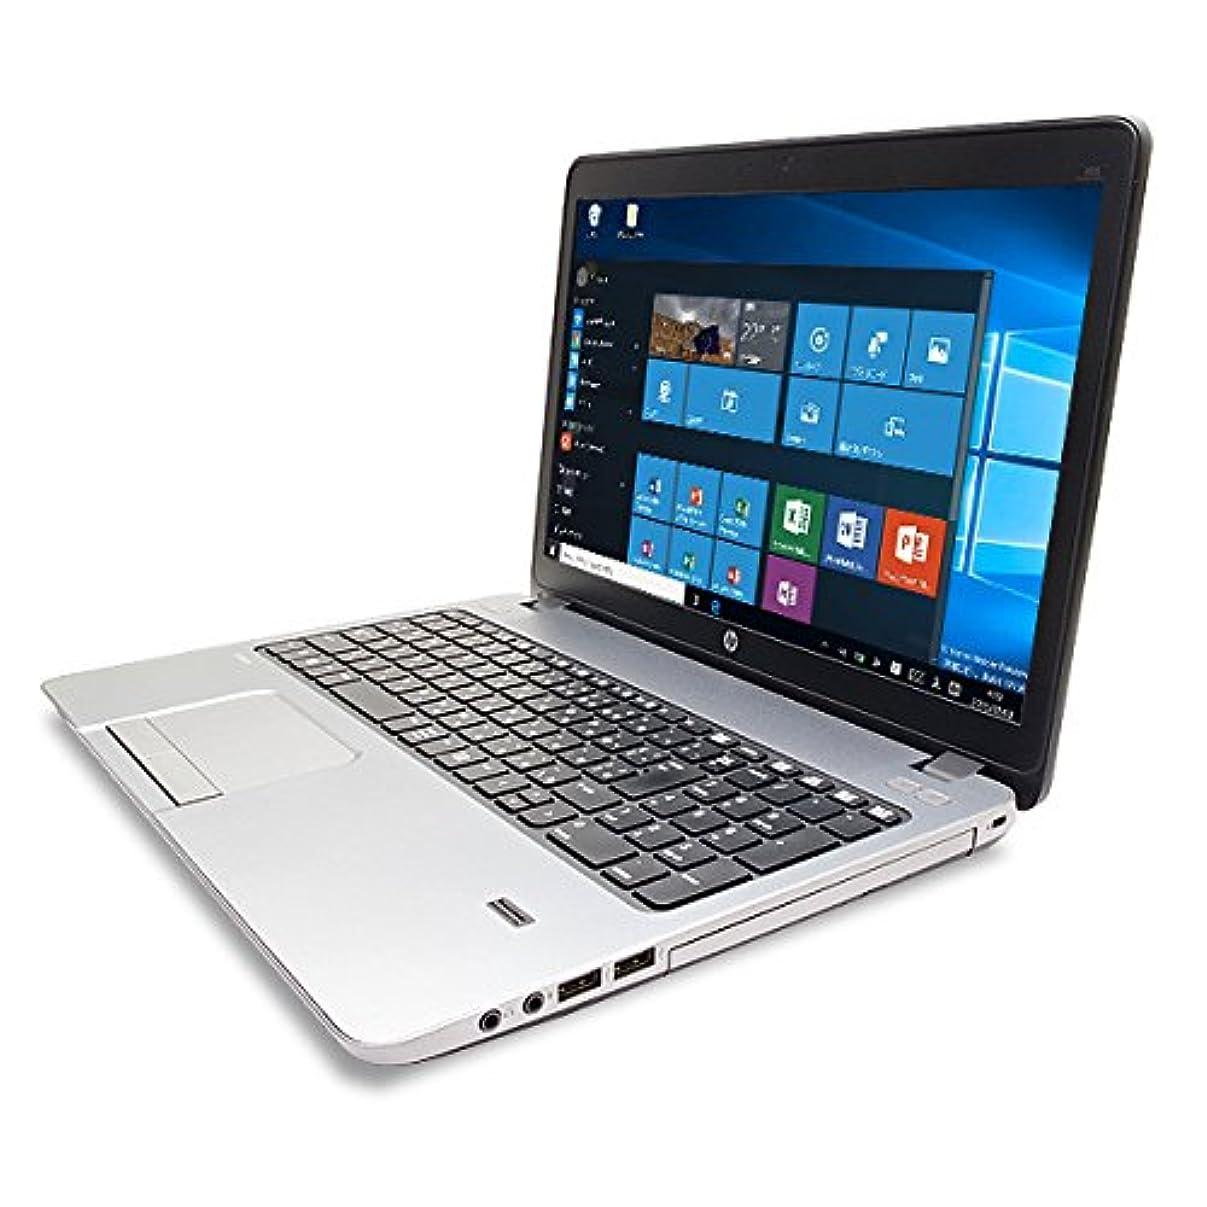 統治可能レポートを書くオデュッセウスノートパソコン 中古 HP ProBook 450 G1 Core i3 4GBメモリ 15.6インチワイド DVDマルチドライブ Windows10 WPS Office 付き